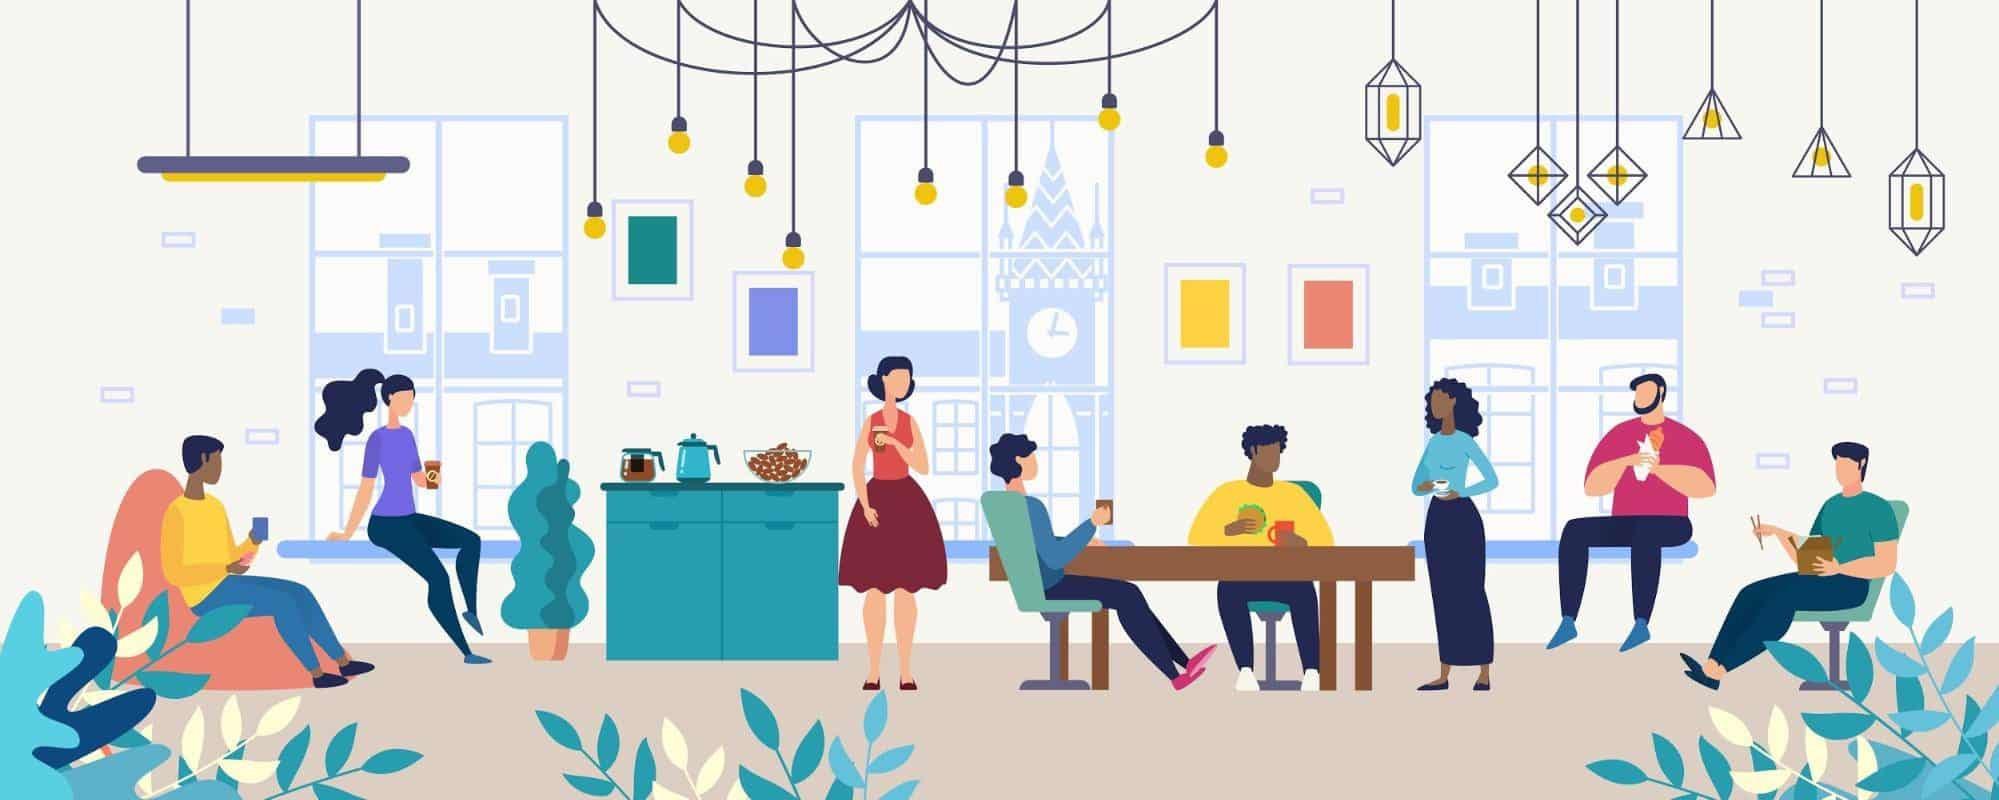 Réduire sa consommation d'énergie au travail